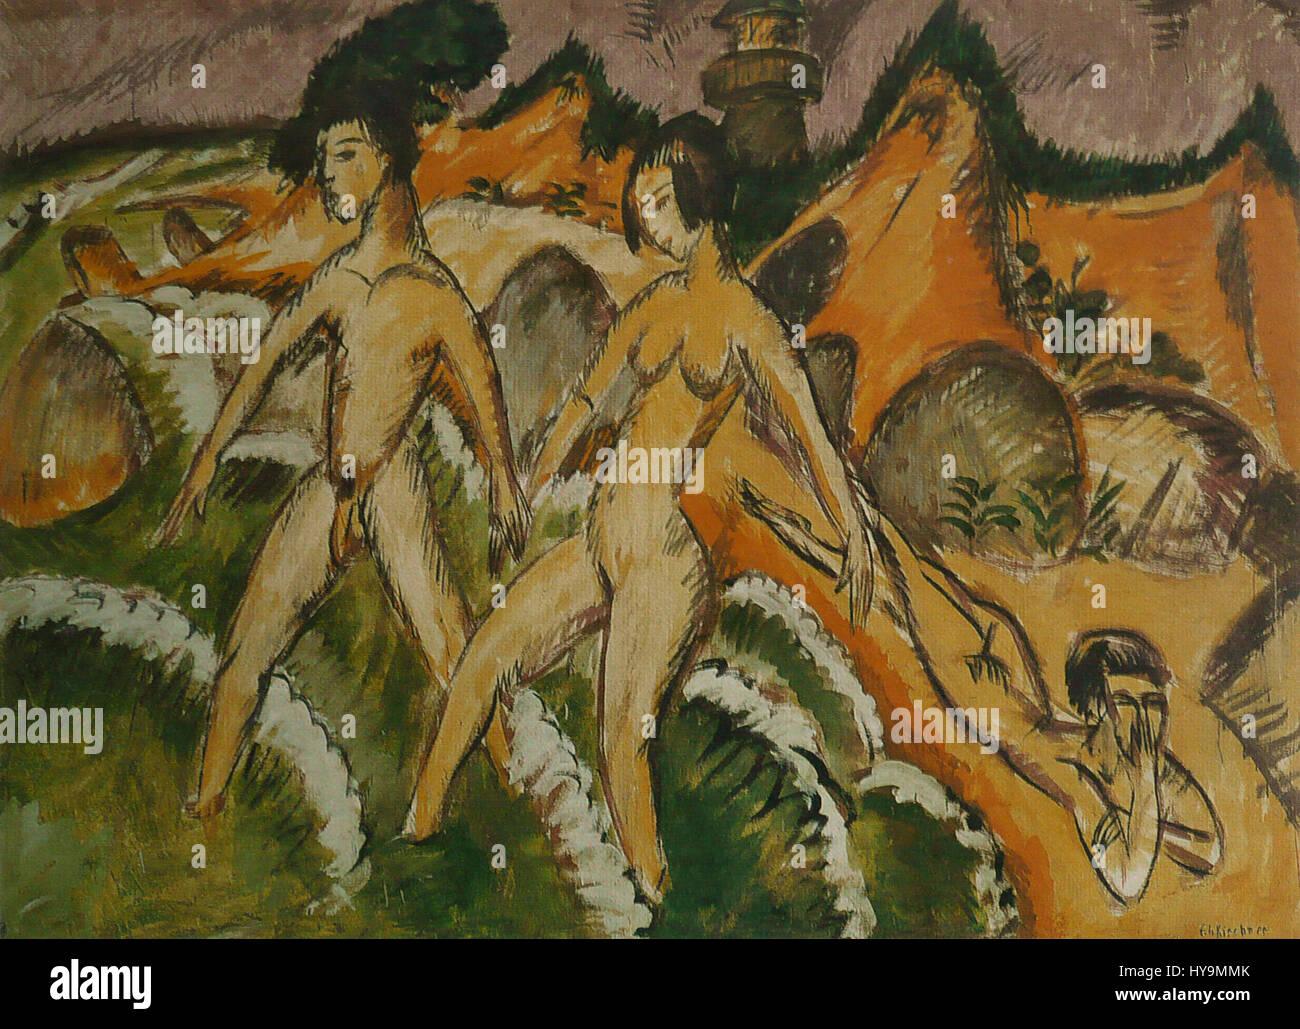 Ernst Ludwig Kirchner   Personnes entrant dans la mer - Stock Image